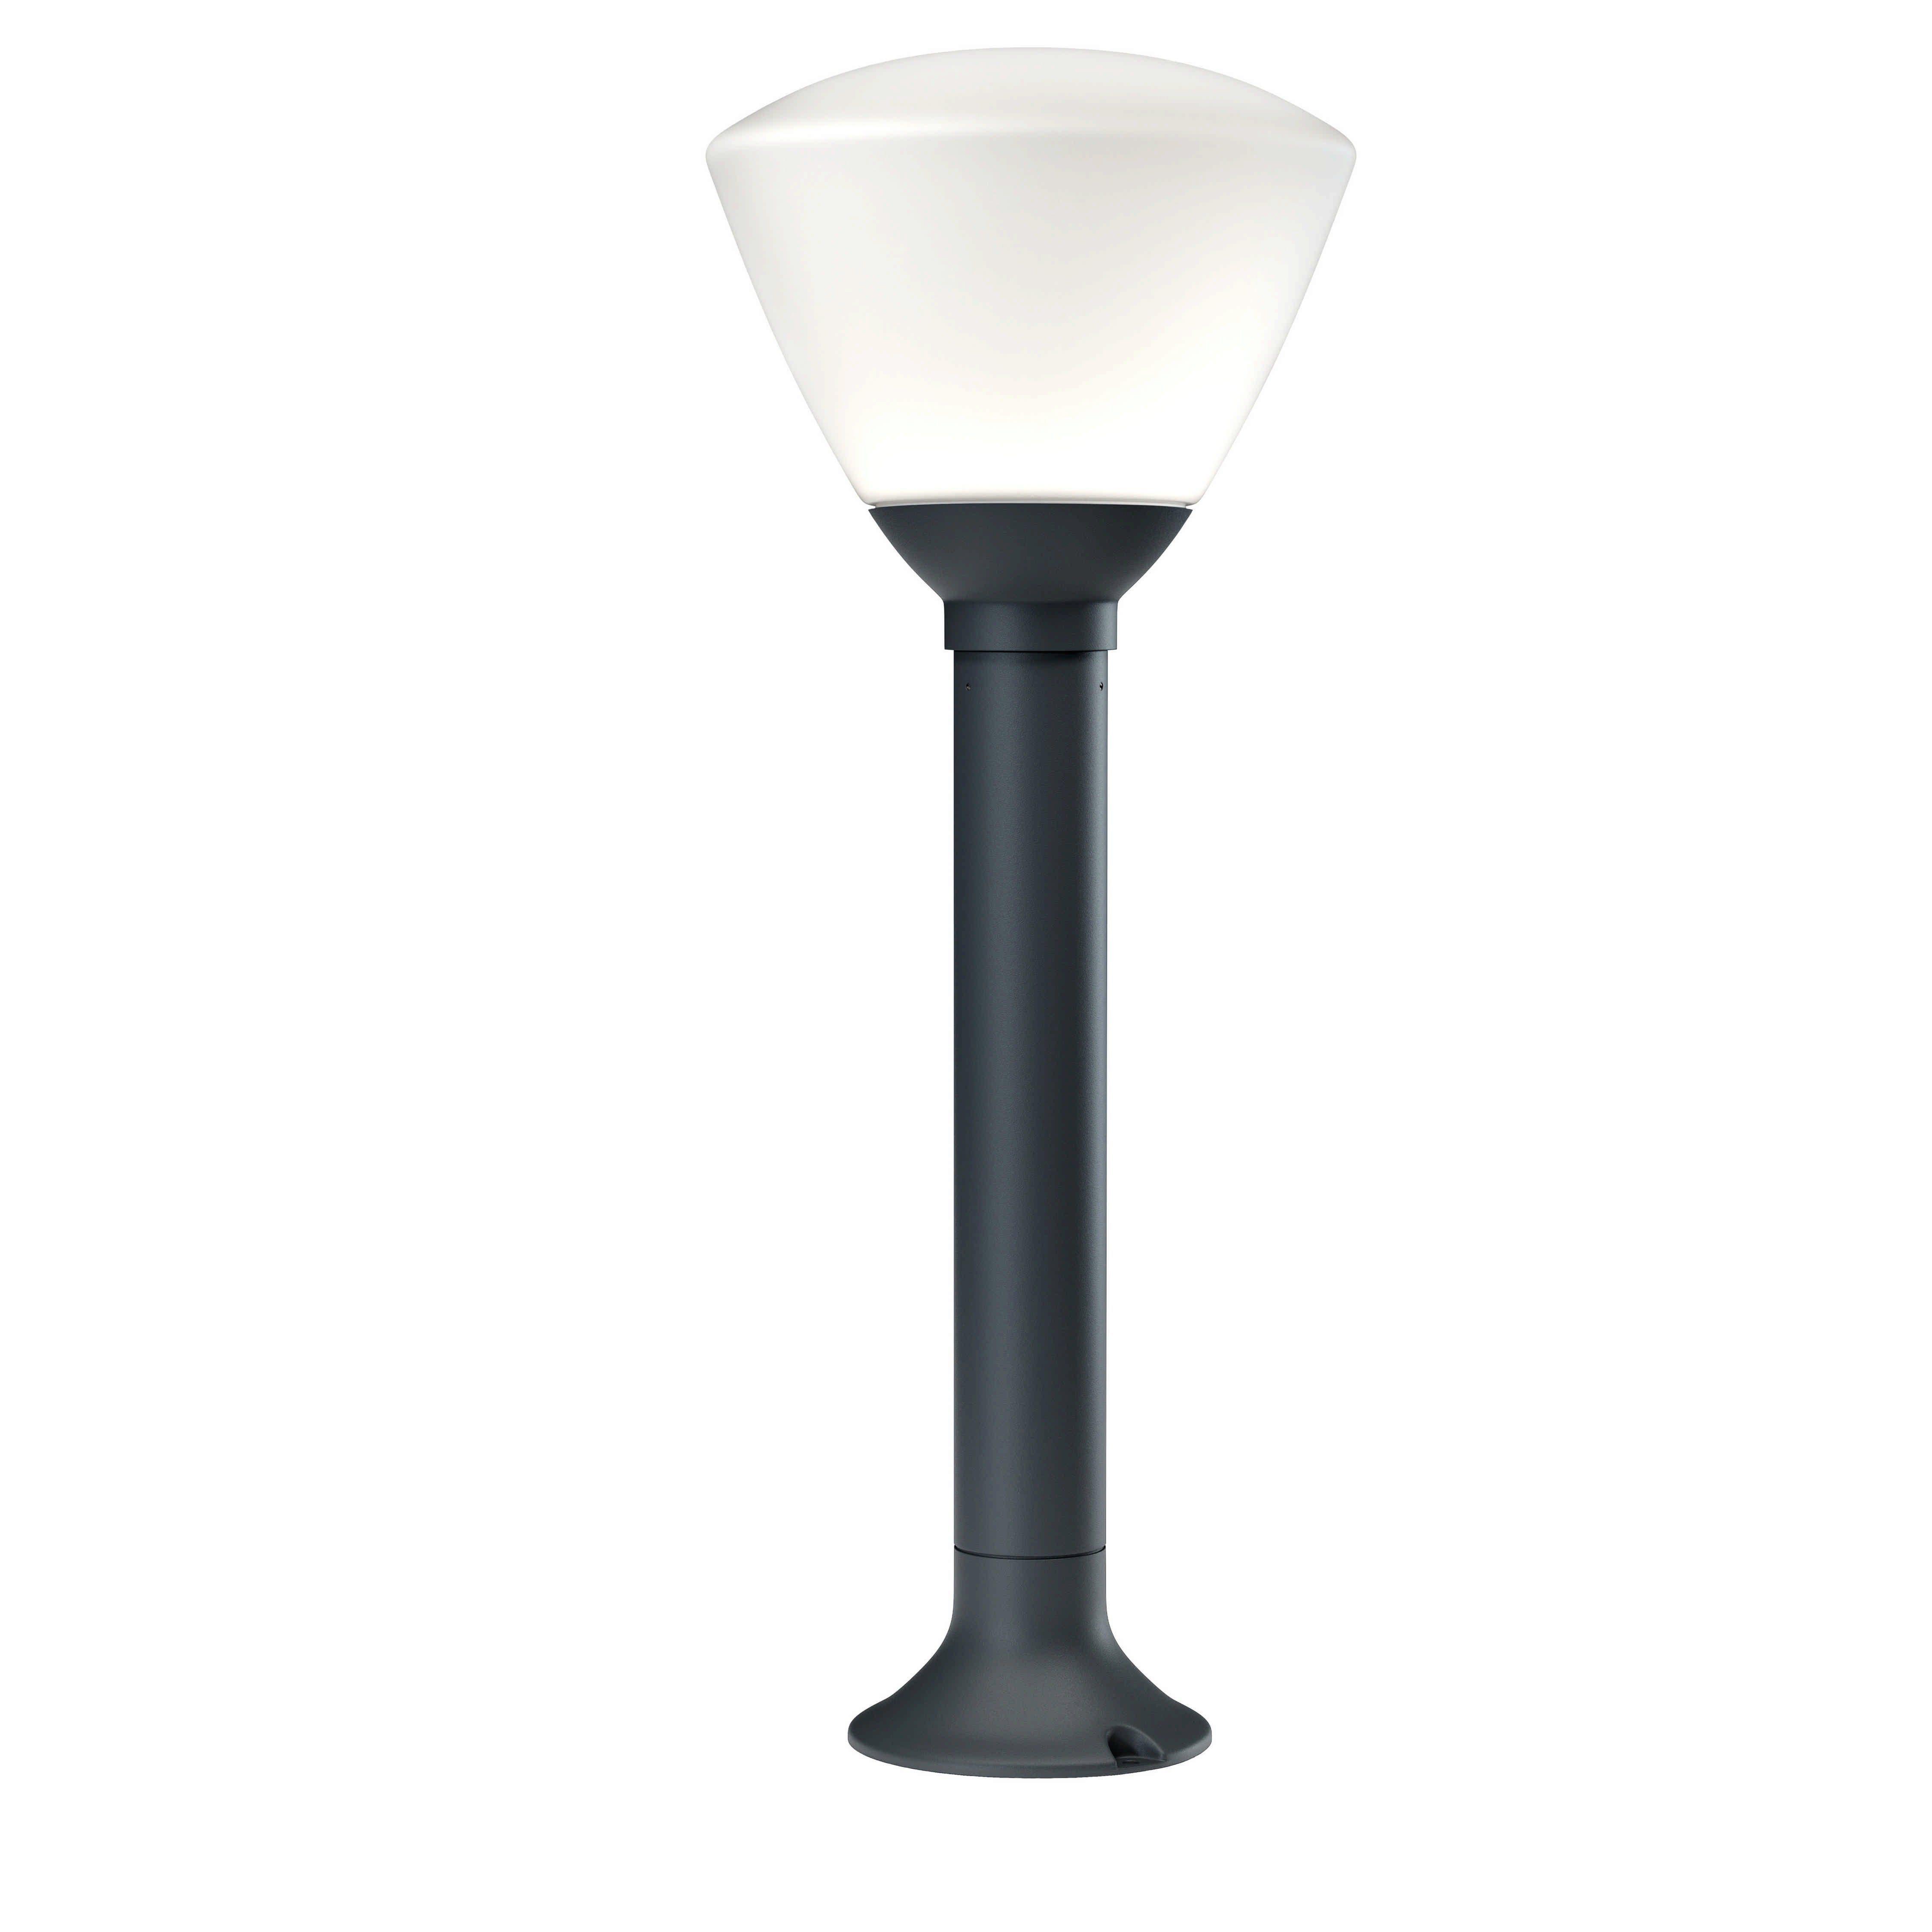 LED-Stehleuchte zur Wegebeleuchtung im Außenbereich »ENDURA STYLE Lantern Bowl 55cm 7W«